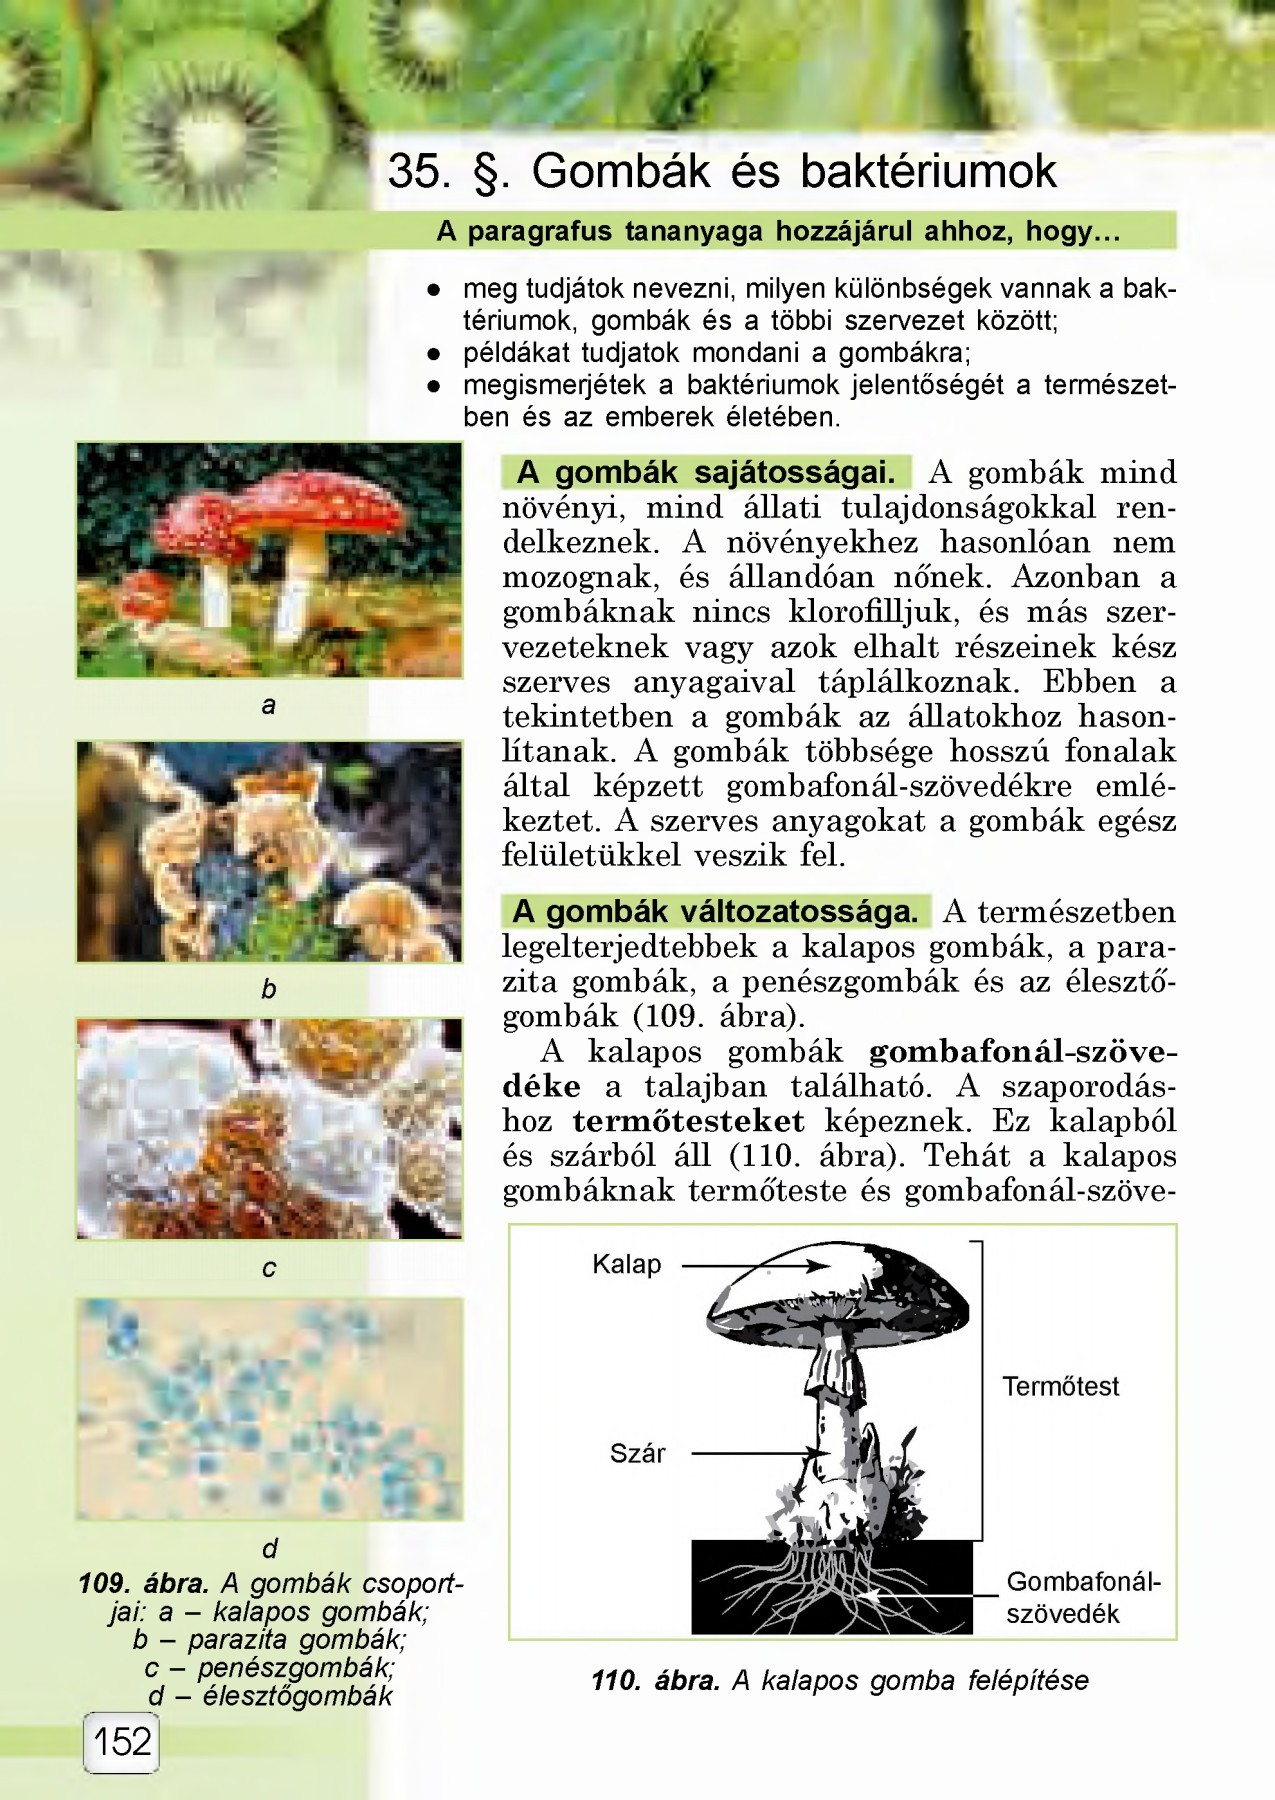 A gombás betegségek kezelése